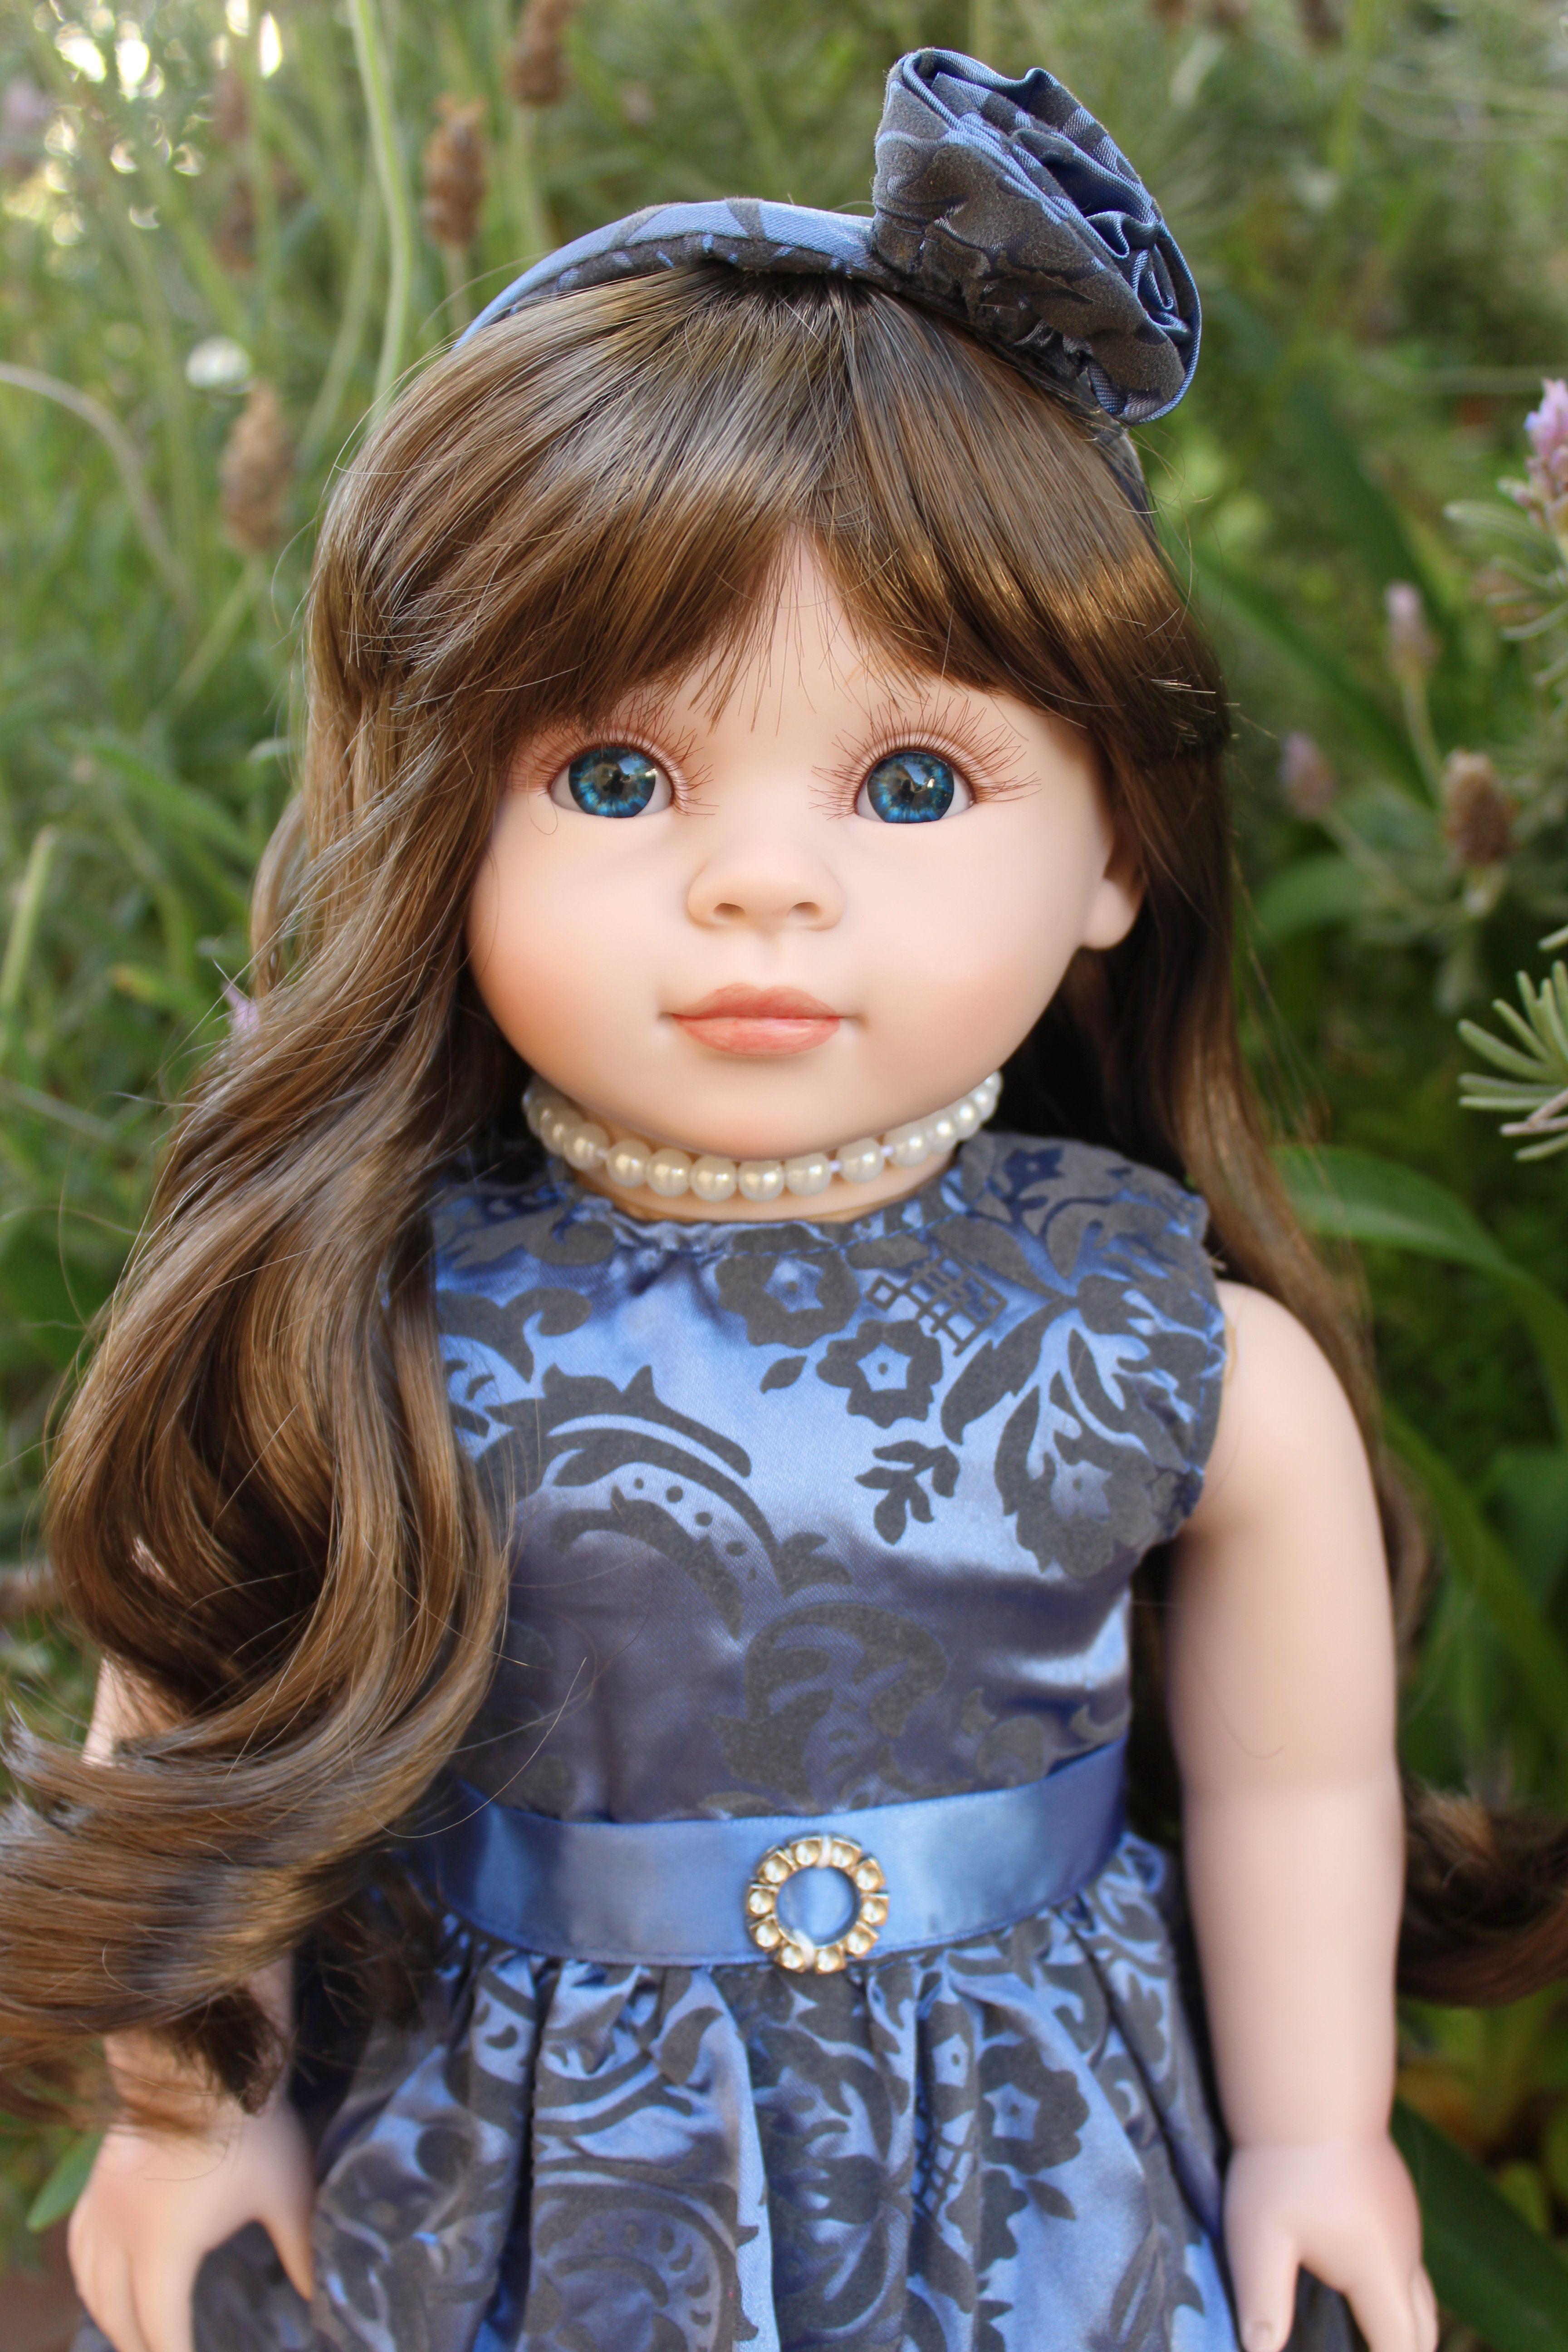 HARMONY CLUB DOLLS 18 inch Dolls and 18 inch Doll Clothes www.harmonyclubdolls.com